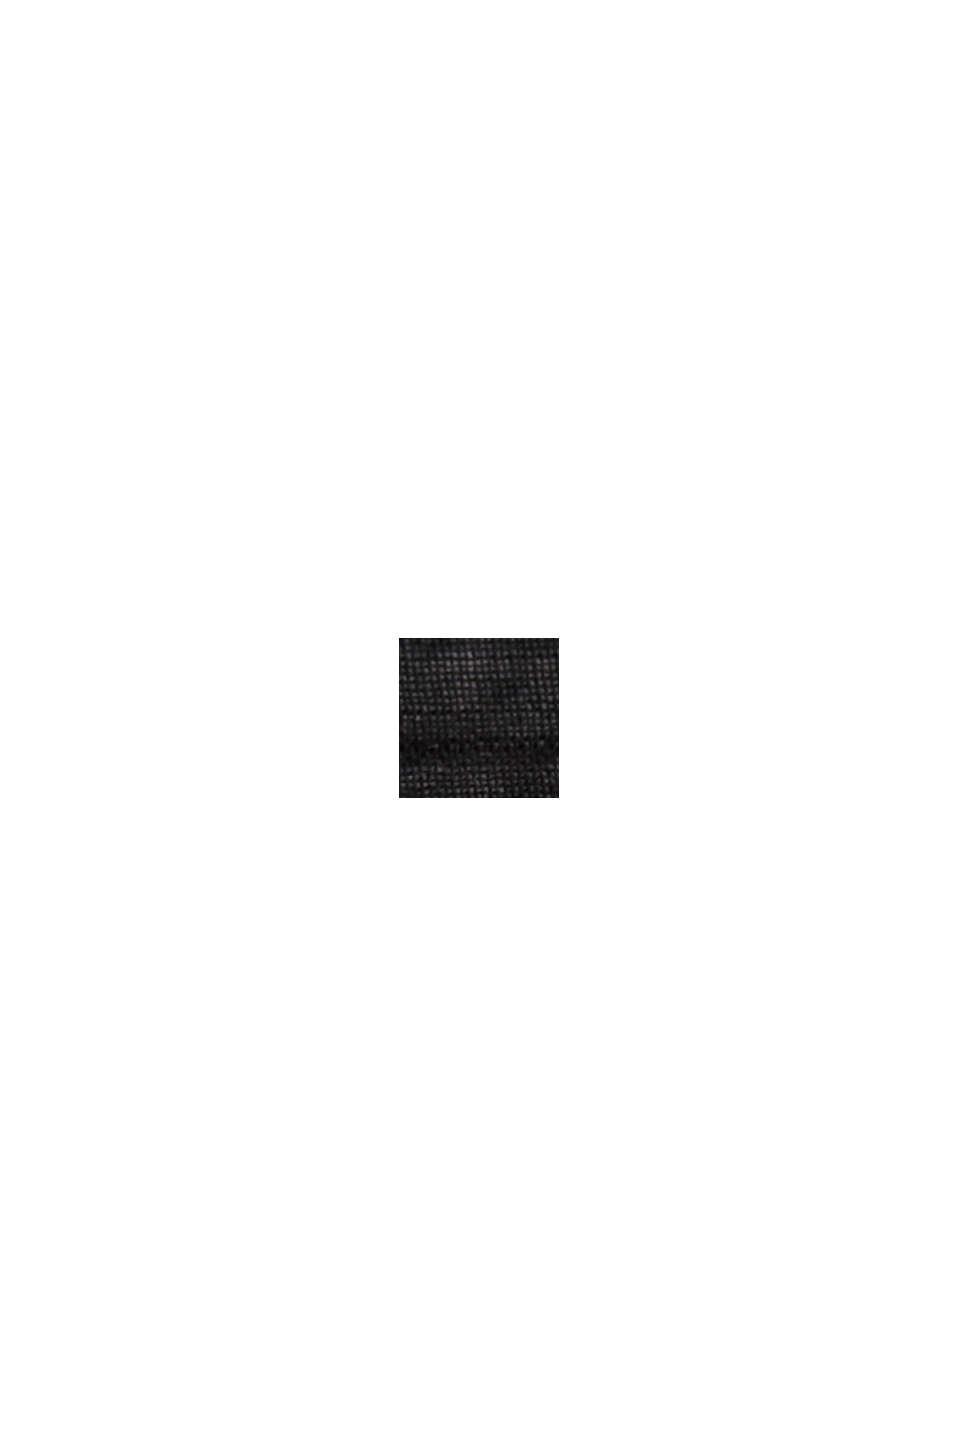 Cafetan orné de ruches, LENZING™ ECOVERO™, BLACK, swatch